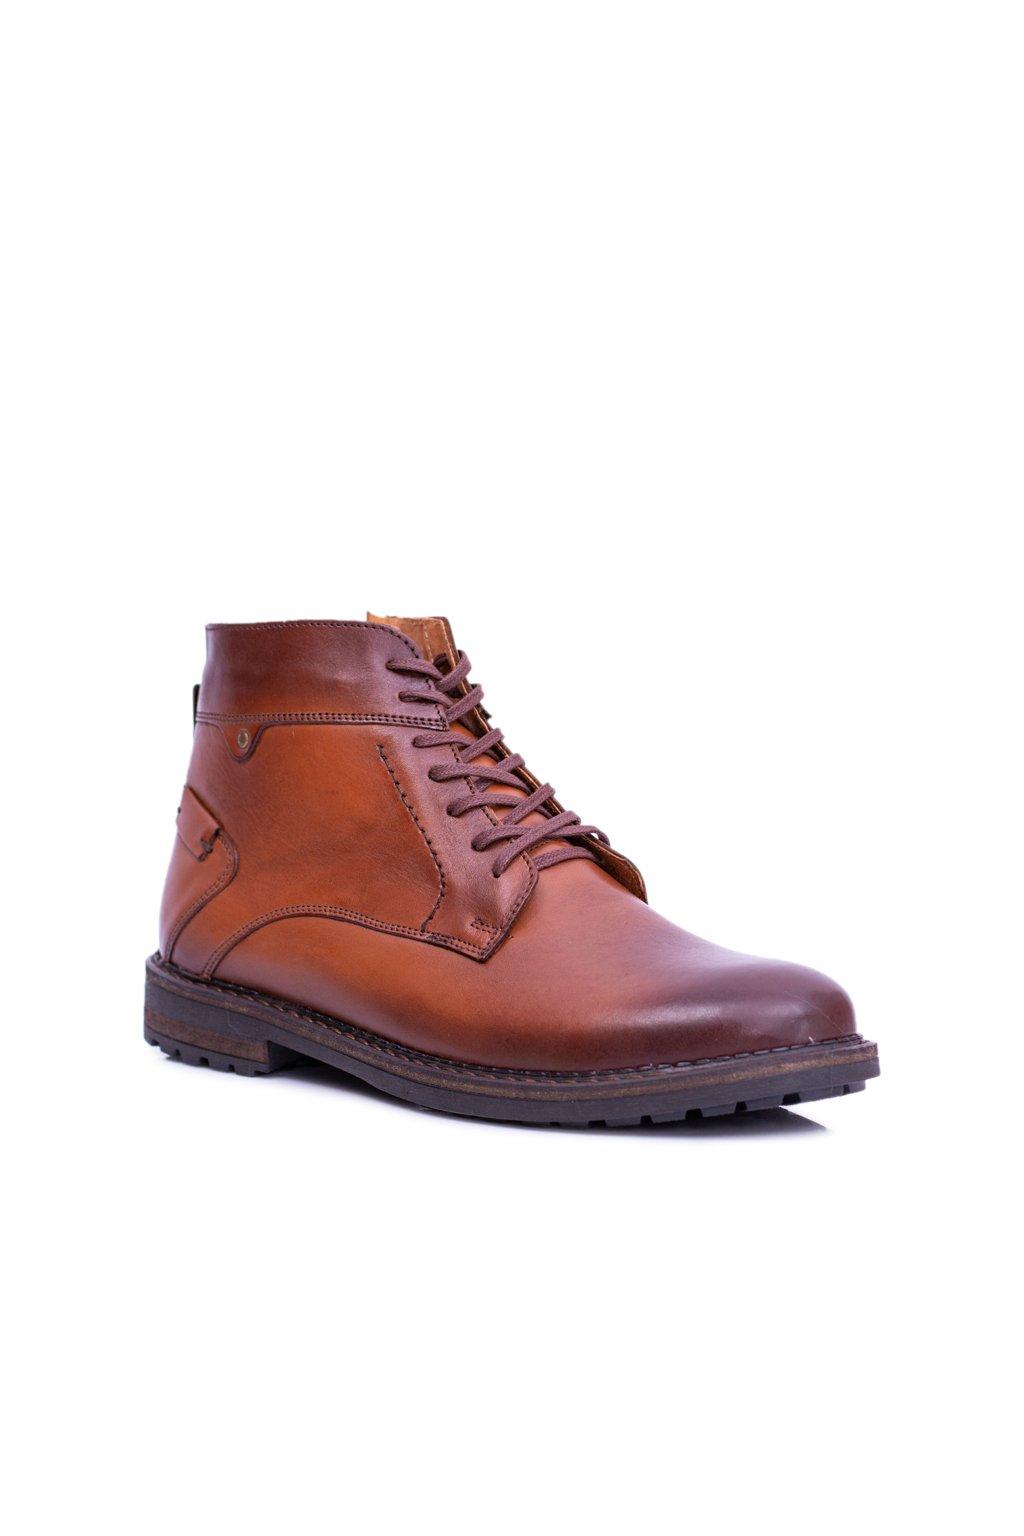 Hnedé topánky pánske kožené teplé topánky Devenor